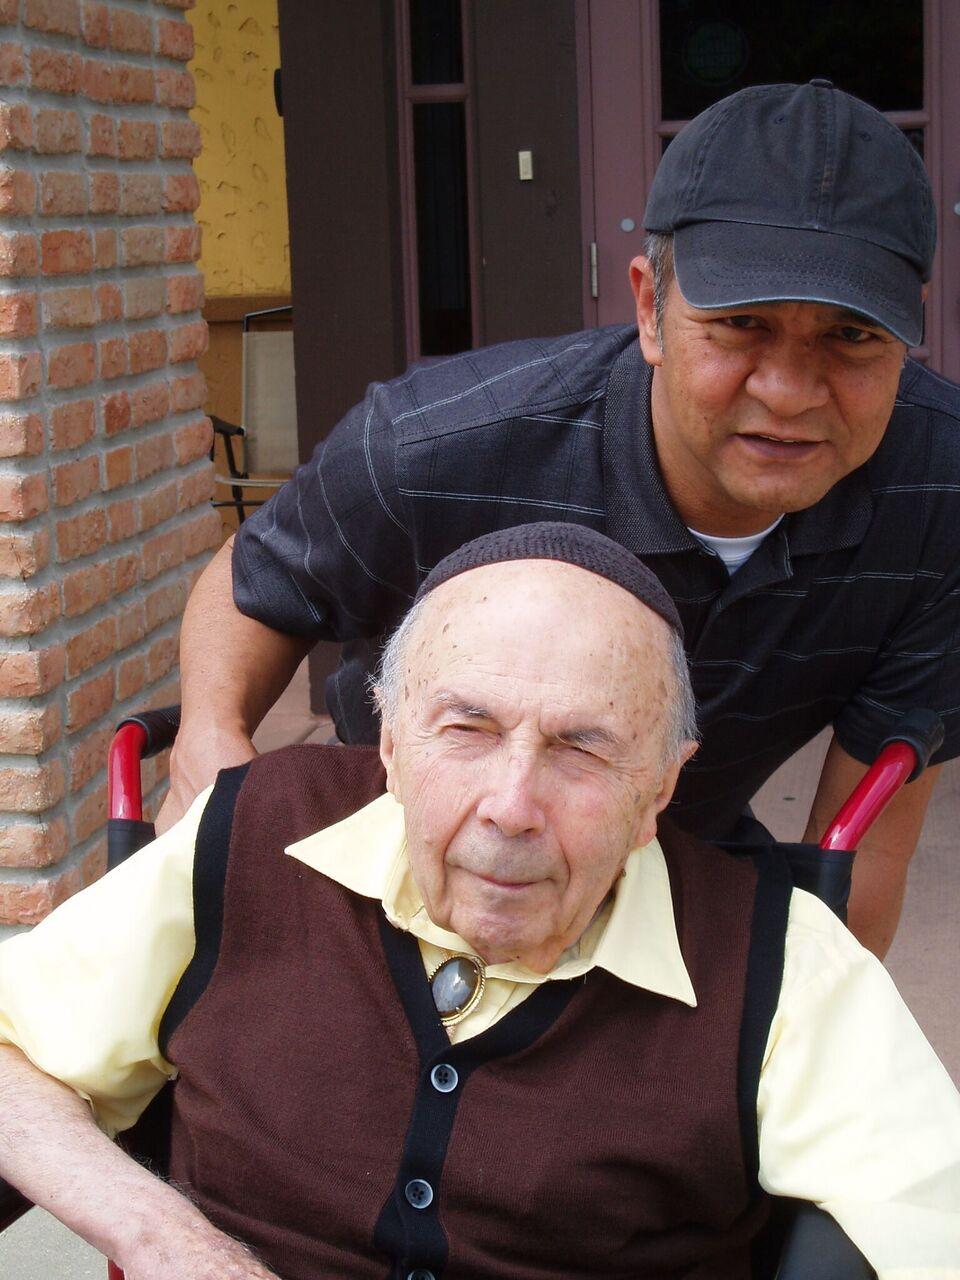 Senior Care in Downers Grove, IL